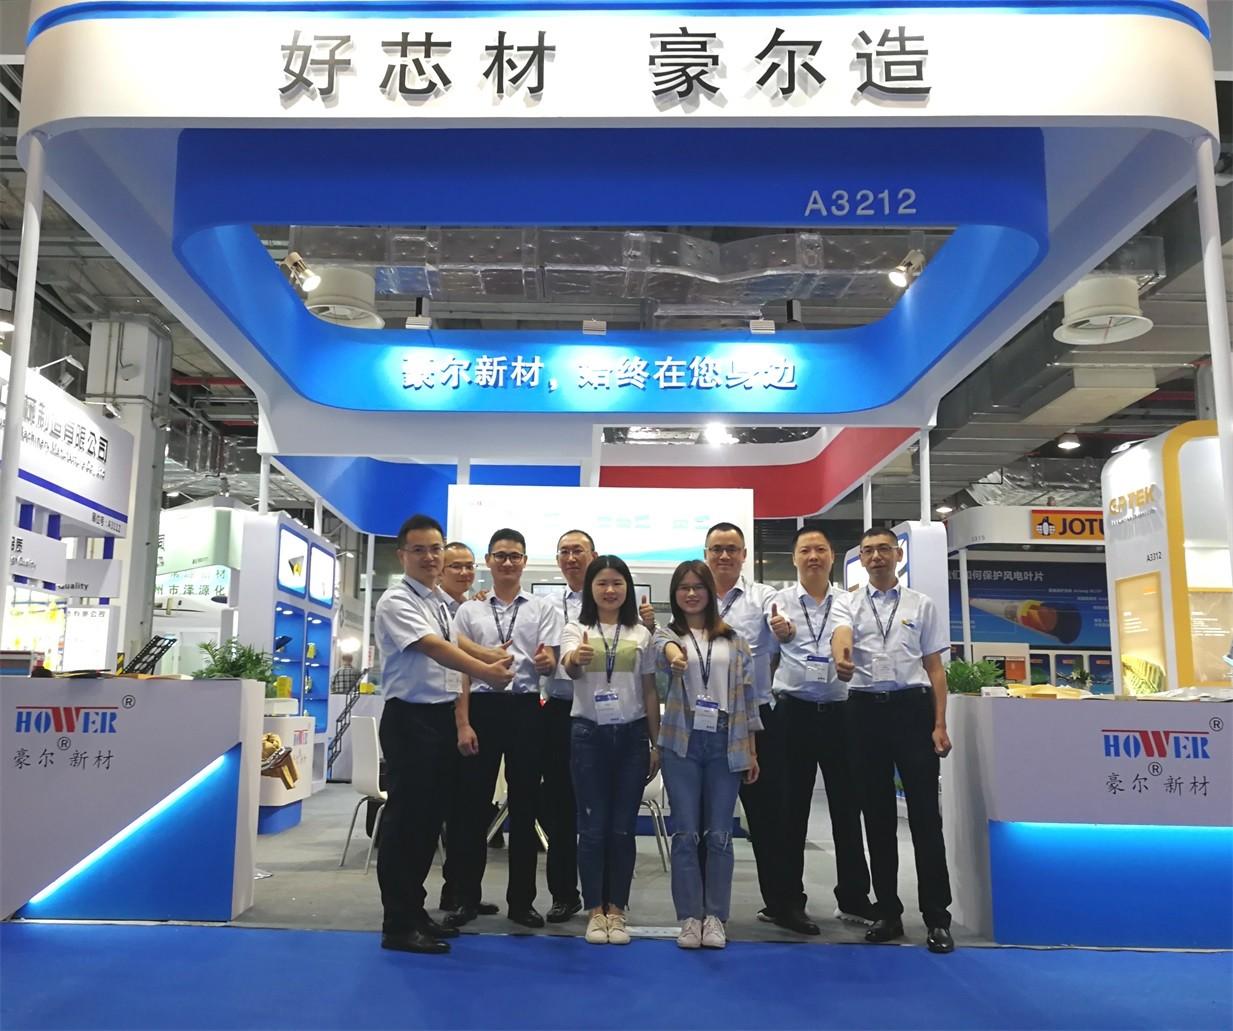 豪尔系列新材料亮相第25届上海国际复合材料博览会